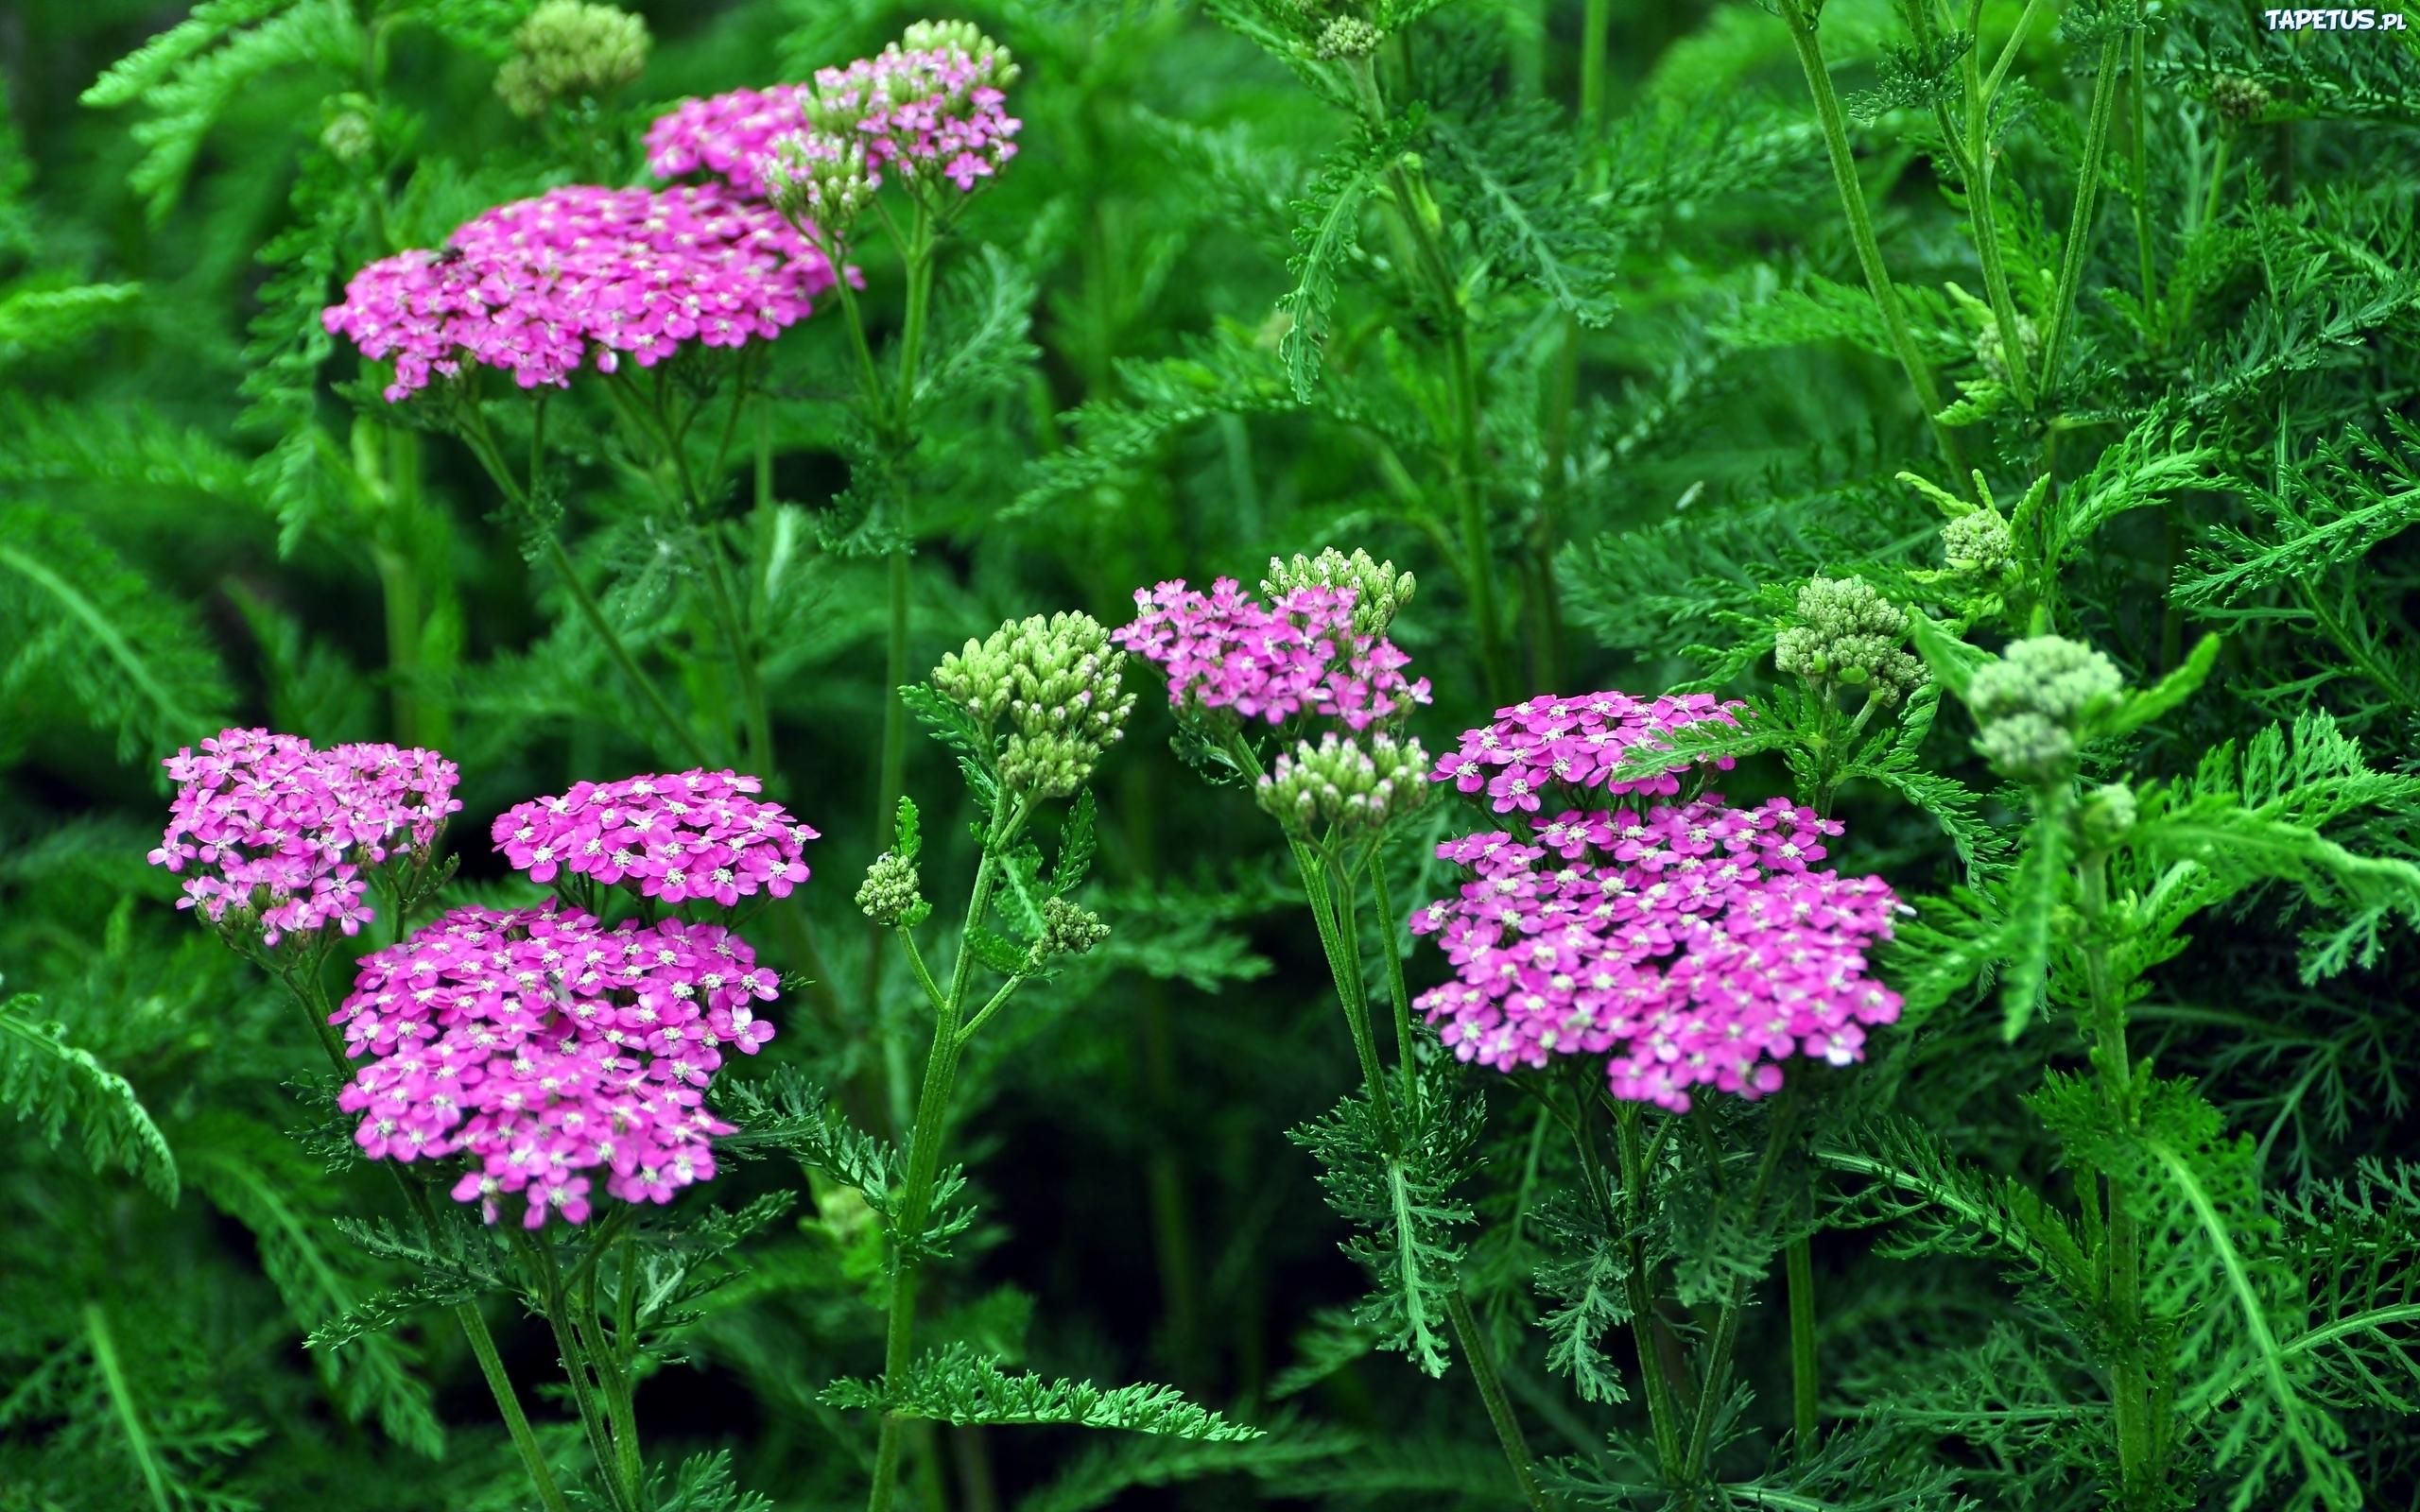 Тысячелистник цветов и